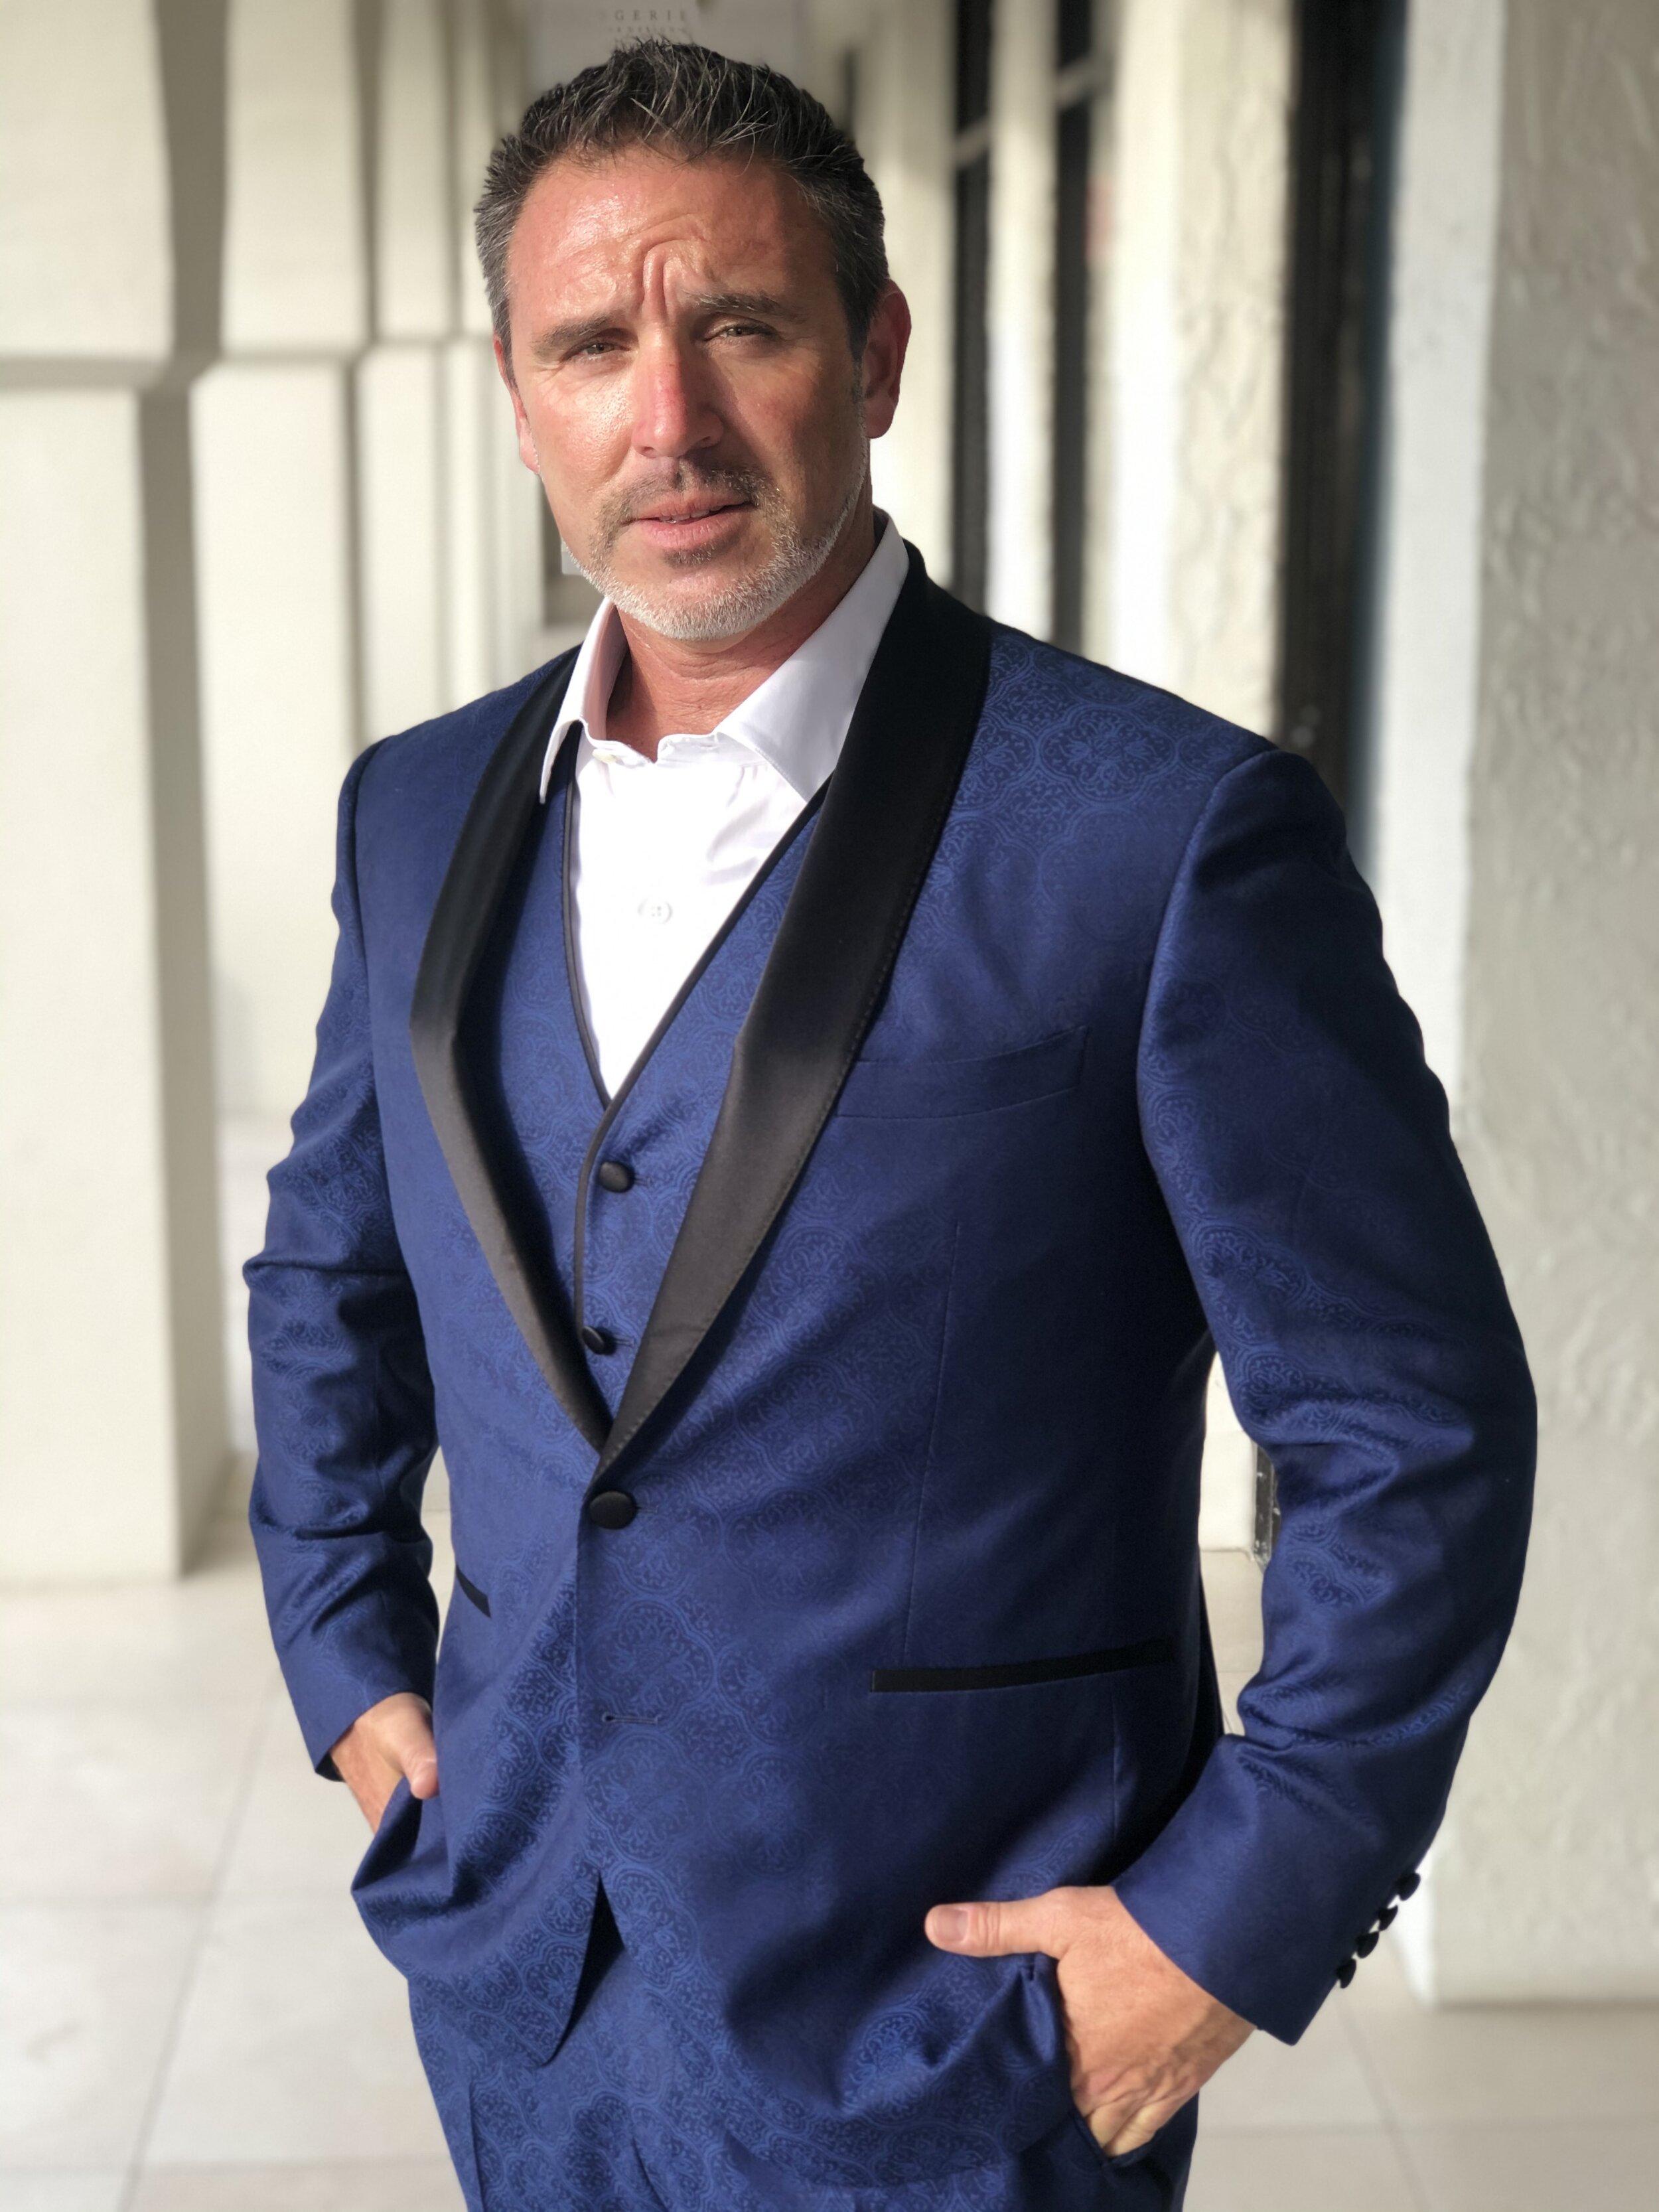 The James Bond Style Blue Tuxedo Jt Vinson